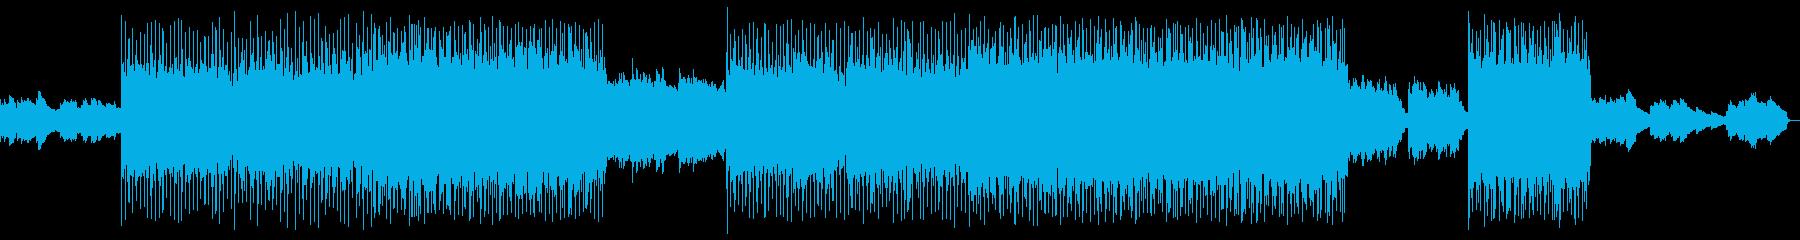 幻想的な音空間が特徴のエキゾチックな曲の再生済みの波形